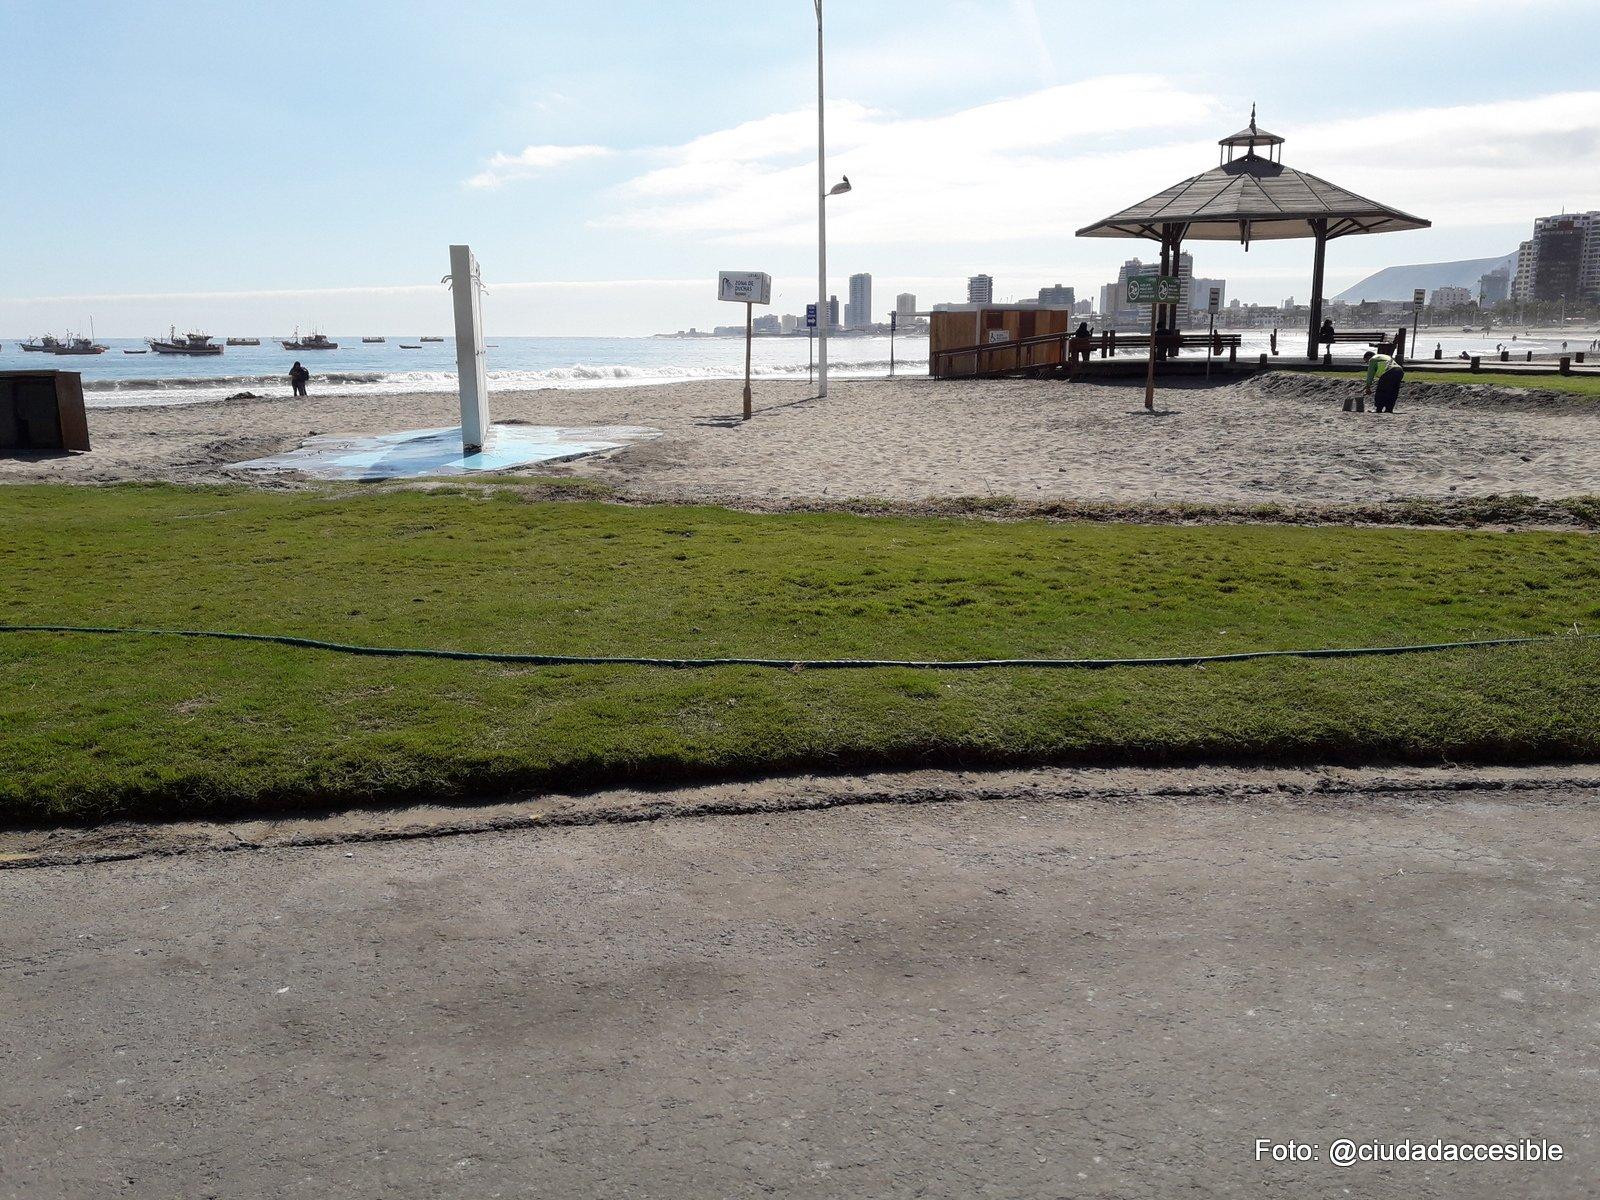 duchas en la playa cercanas al sector que se indica como playa inclusiva